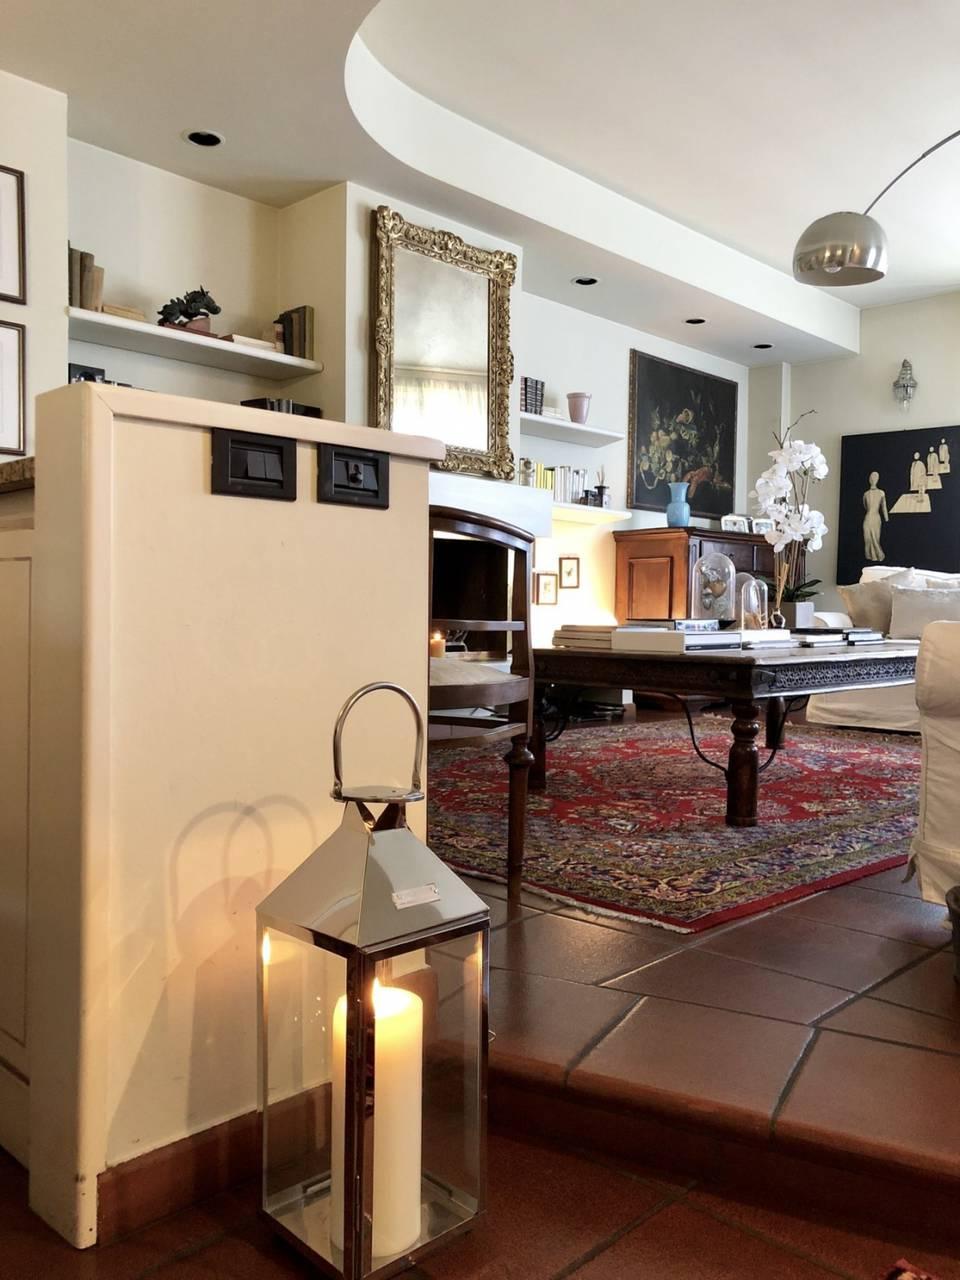 Villa-in-vendita-a-Caronno-Pertusella-38